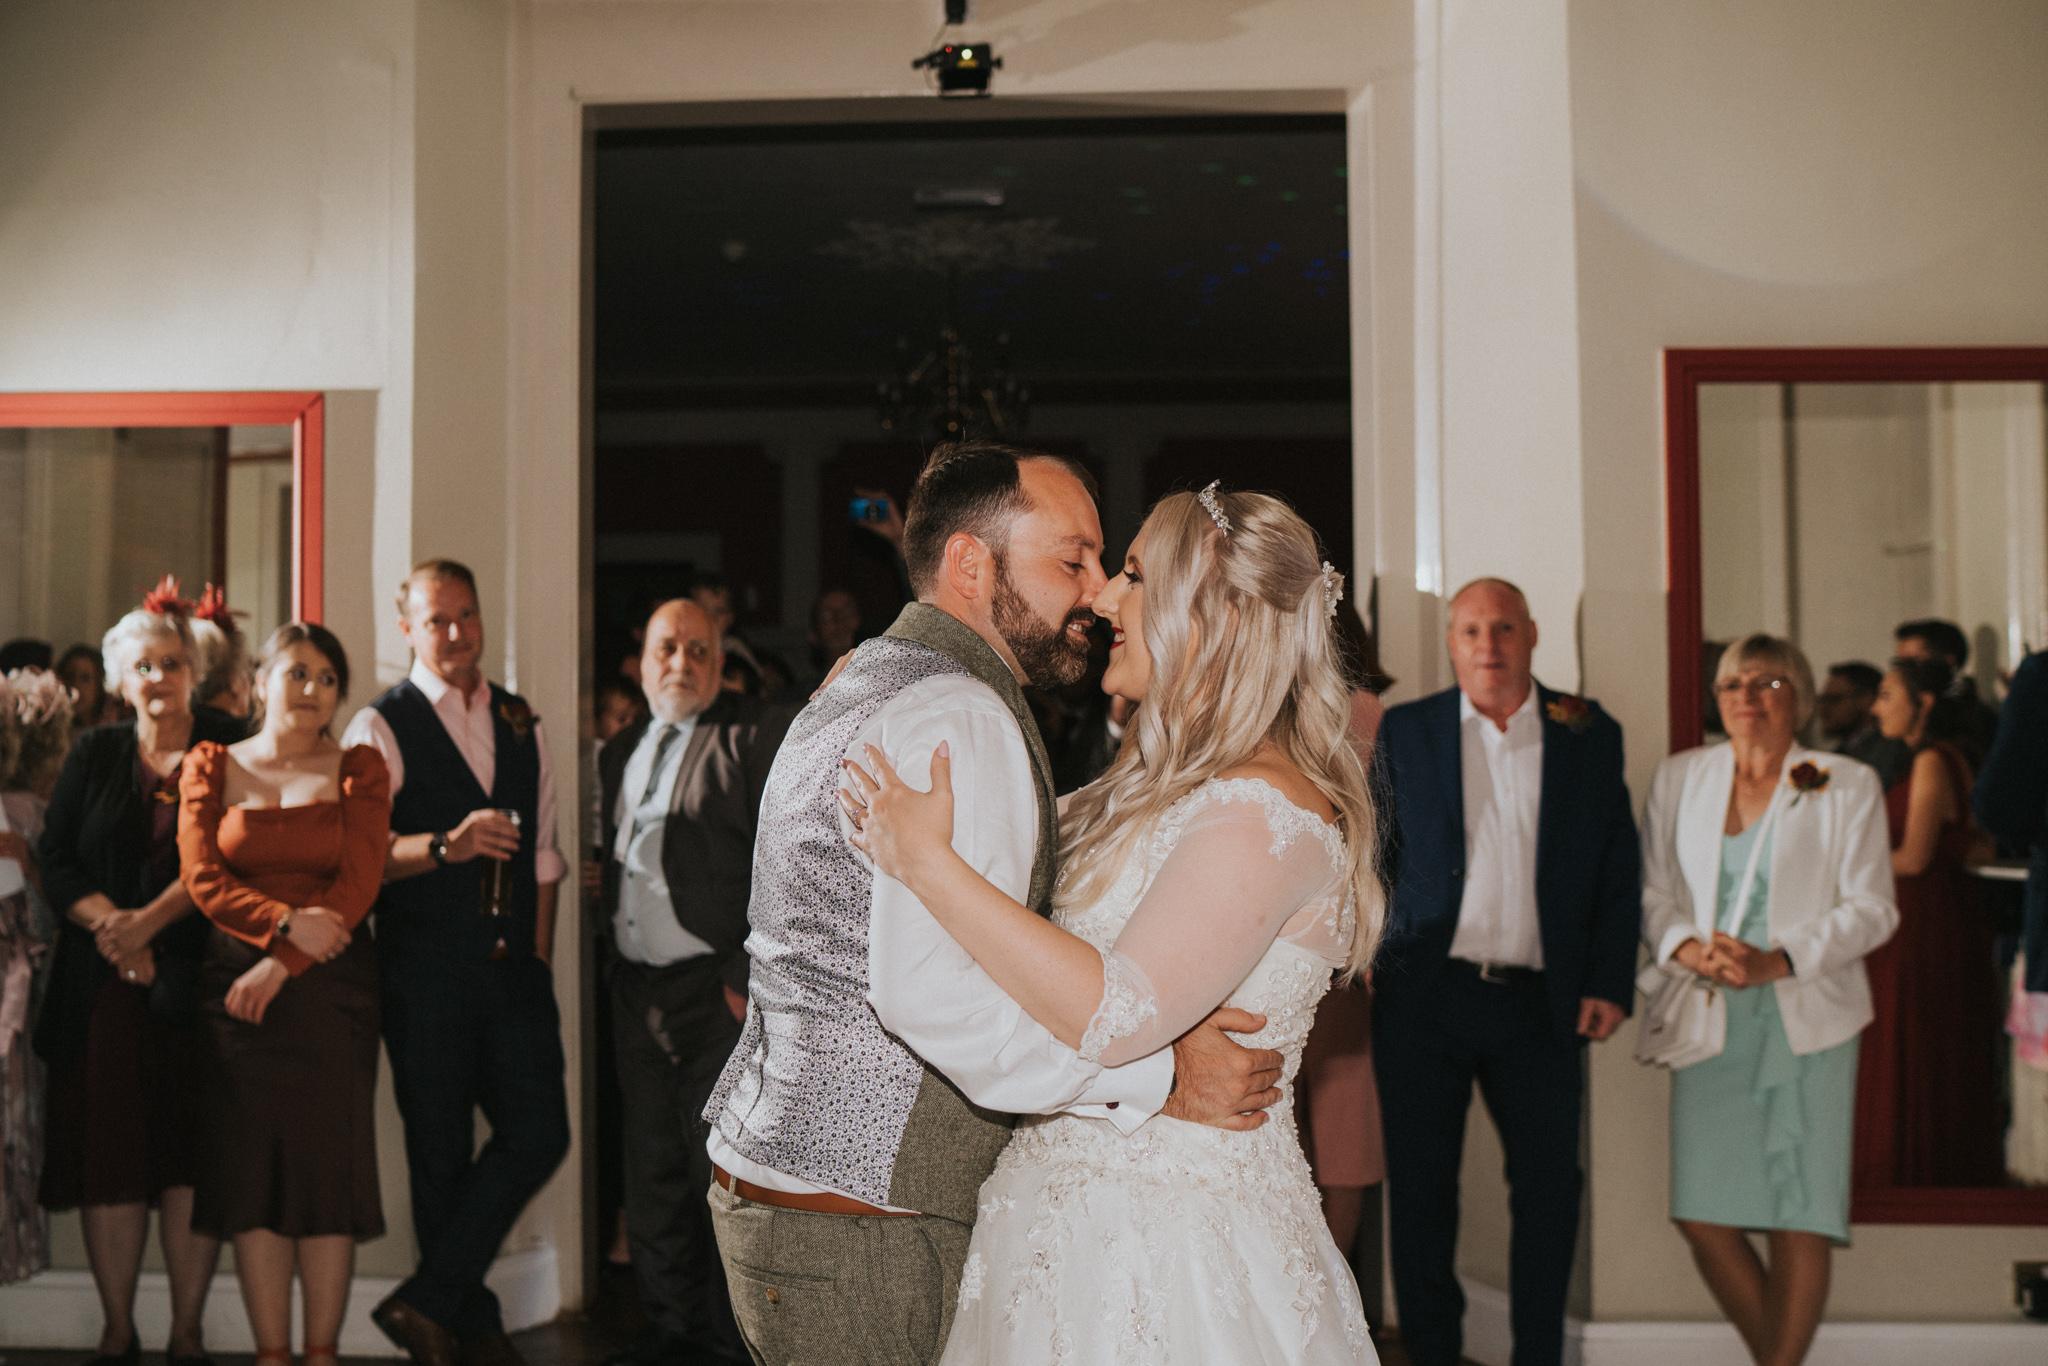 chara-neil-gosfield-hall-wedding-grace-elizabeth-colchester-essex-alternative-wedding-photographer-essex-devon-suffolk-norfolk (47 of 50).jpg